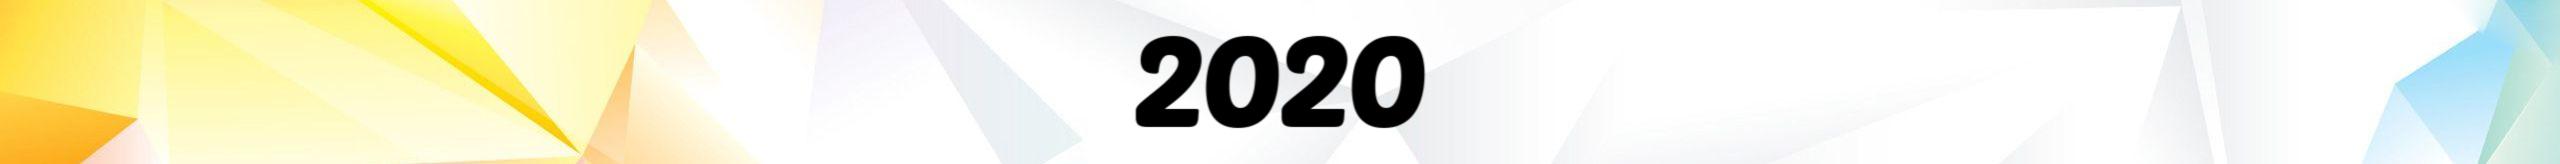 2020 - současnost